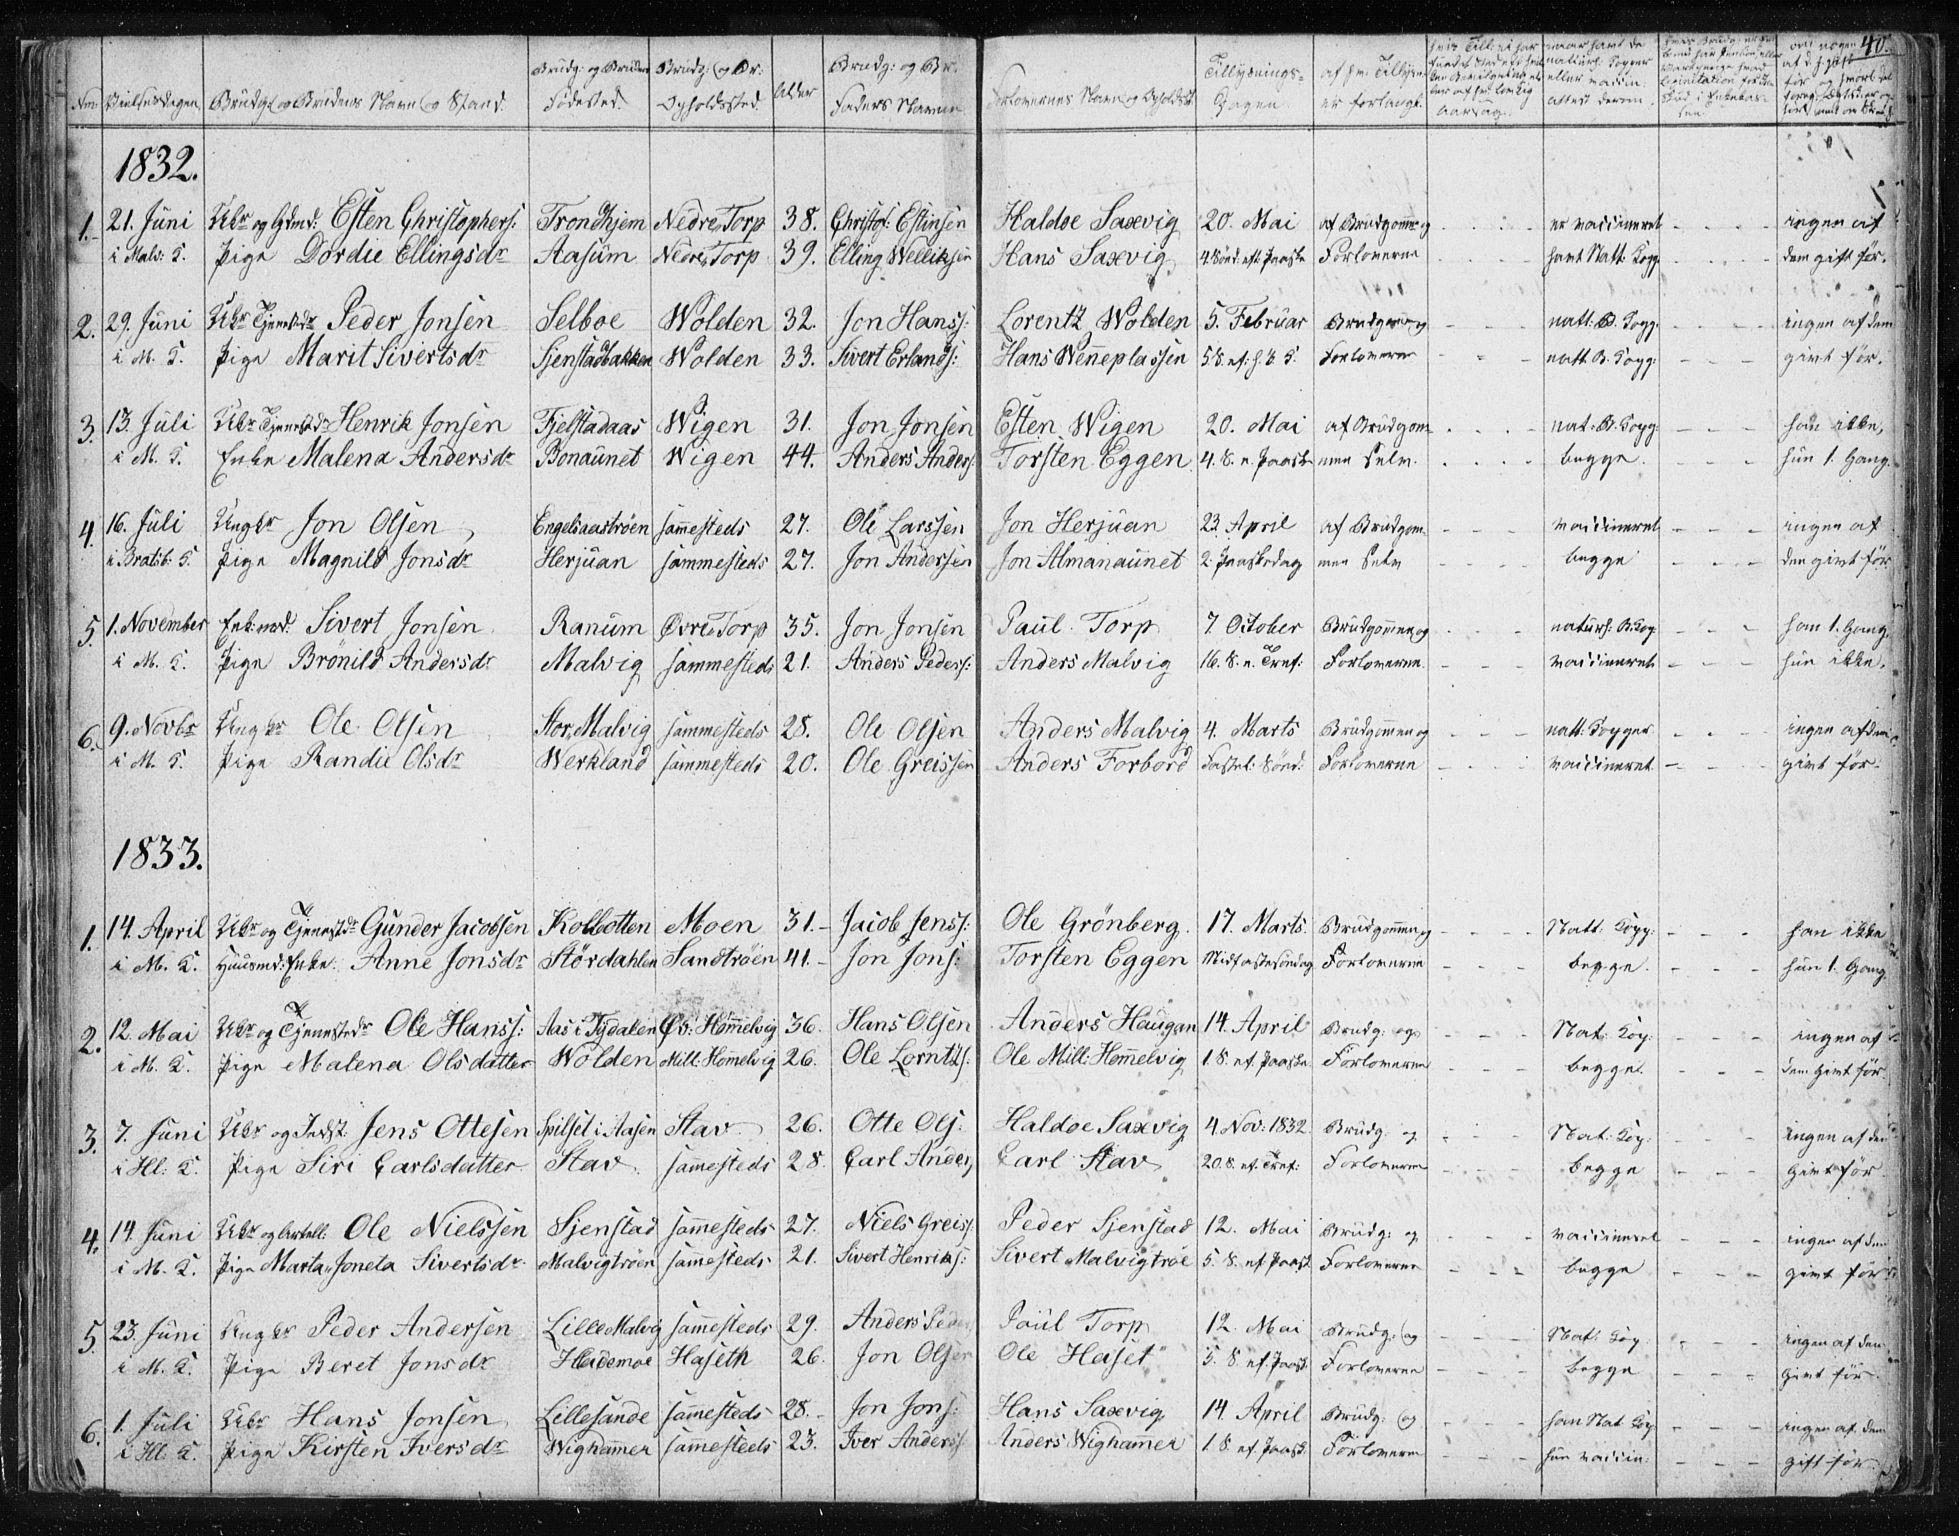 SAT, Ministerialprotokoller, klokkerbøker og fødselsregistre - Sør-Trøndelag, 616/L0405: Ministerialbok nr. 616A02, 1831-1842, s. 40